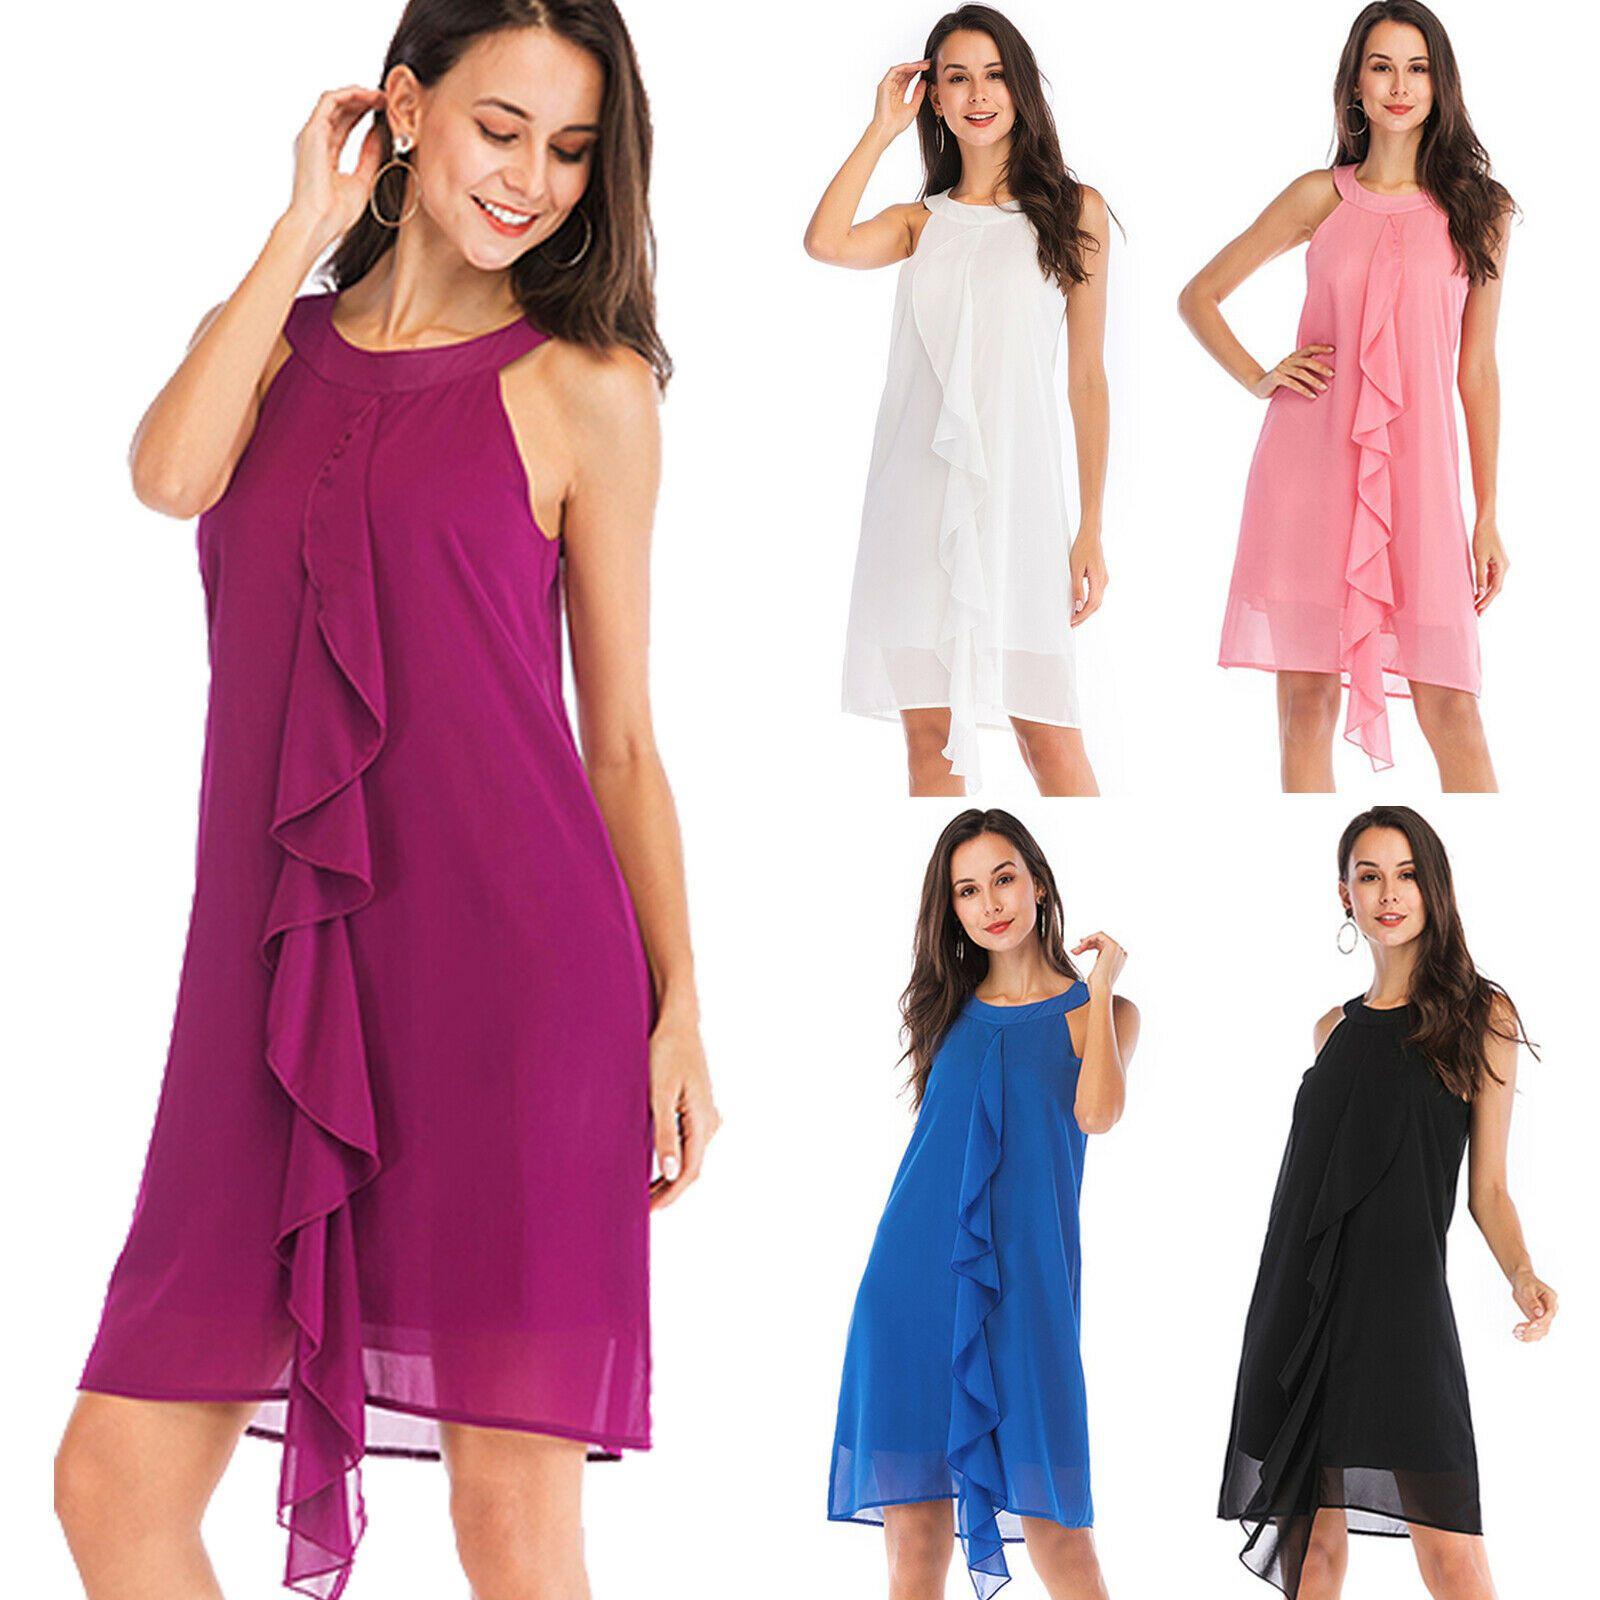 Formal Erstaunlich Kleid Für Den Abend StylishAbend Schön Kleid Für Den Abend Vertrieb